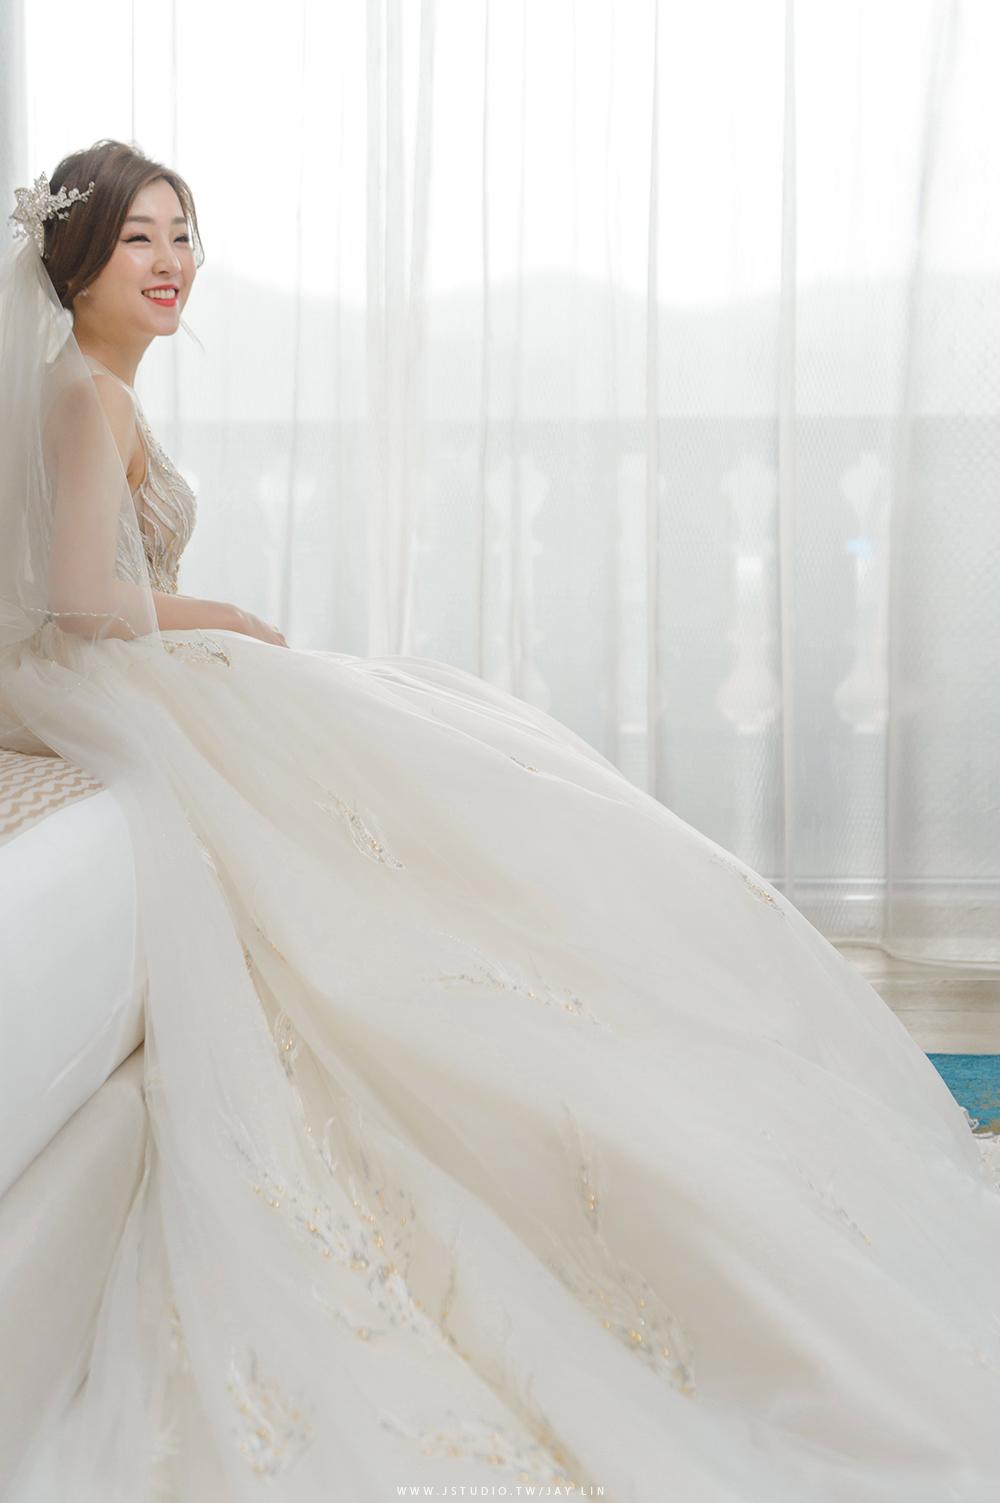 婚攝 台北婚攝 婚禮紀錄 推薦婚攝 美福大飯店JSTUDIO_0106